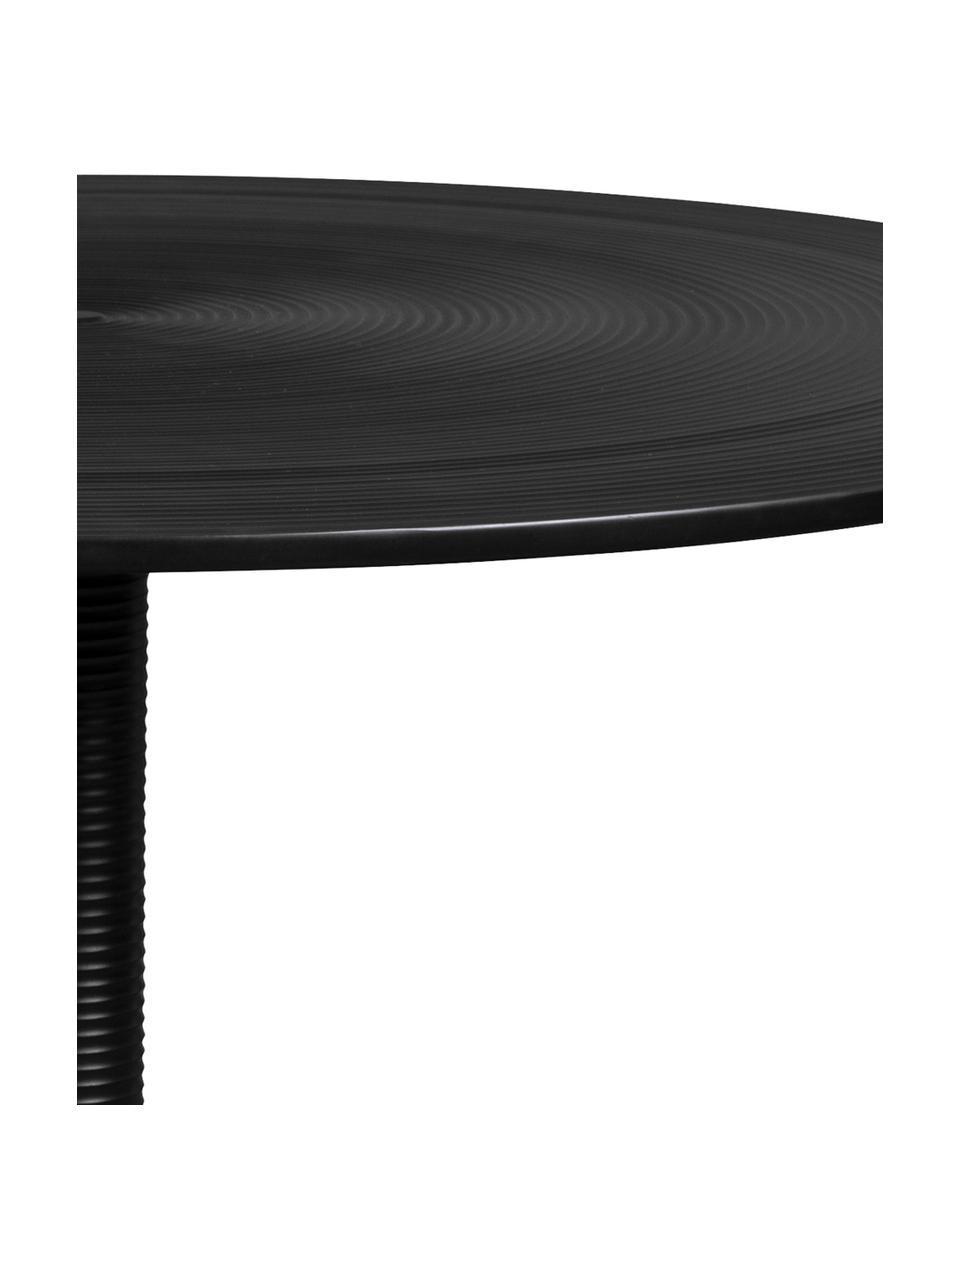 Runder Esstisch Hypnotising, Ø 92 cm, Aluminium, lackiert, Schwarz, Ø 92 x H 76 cm